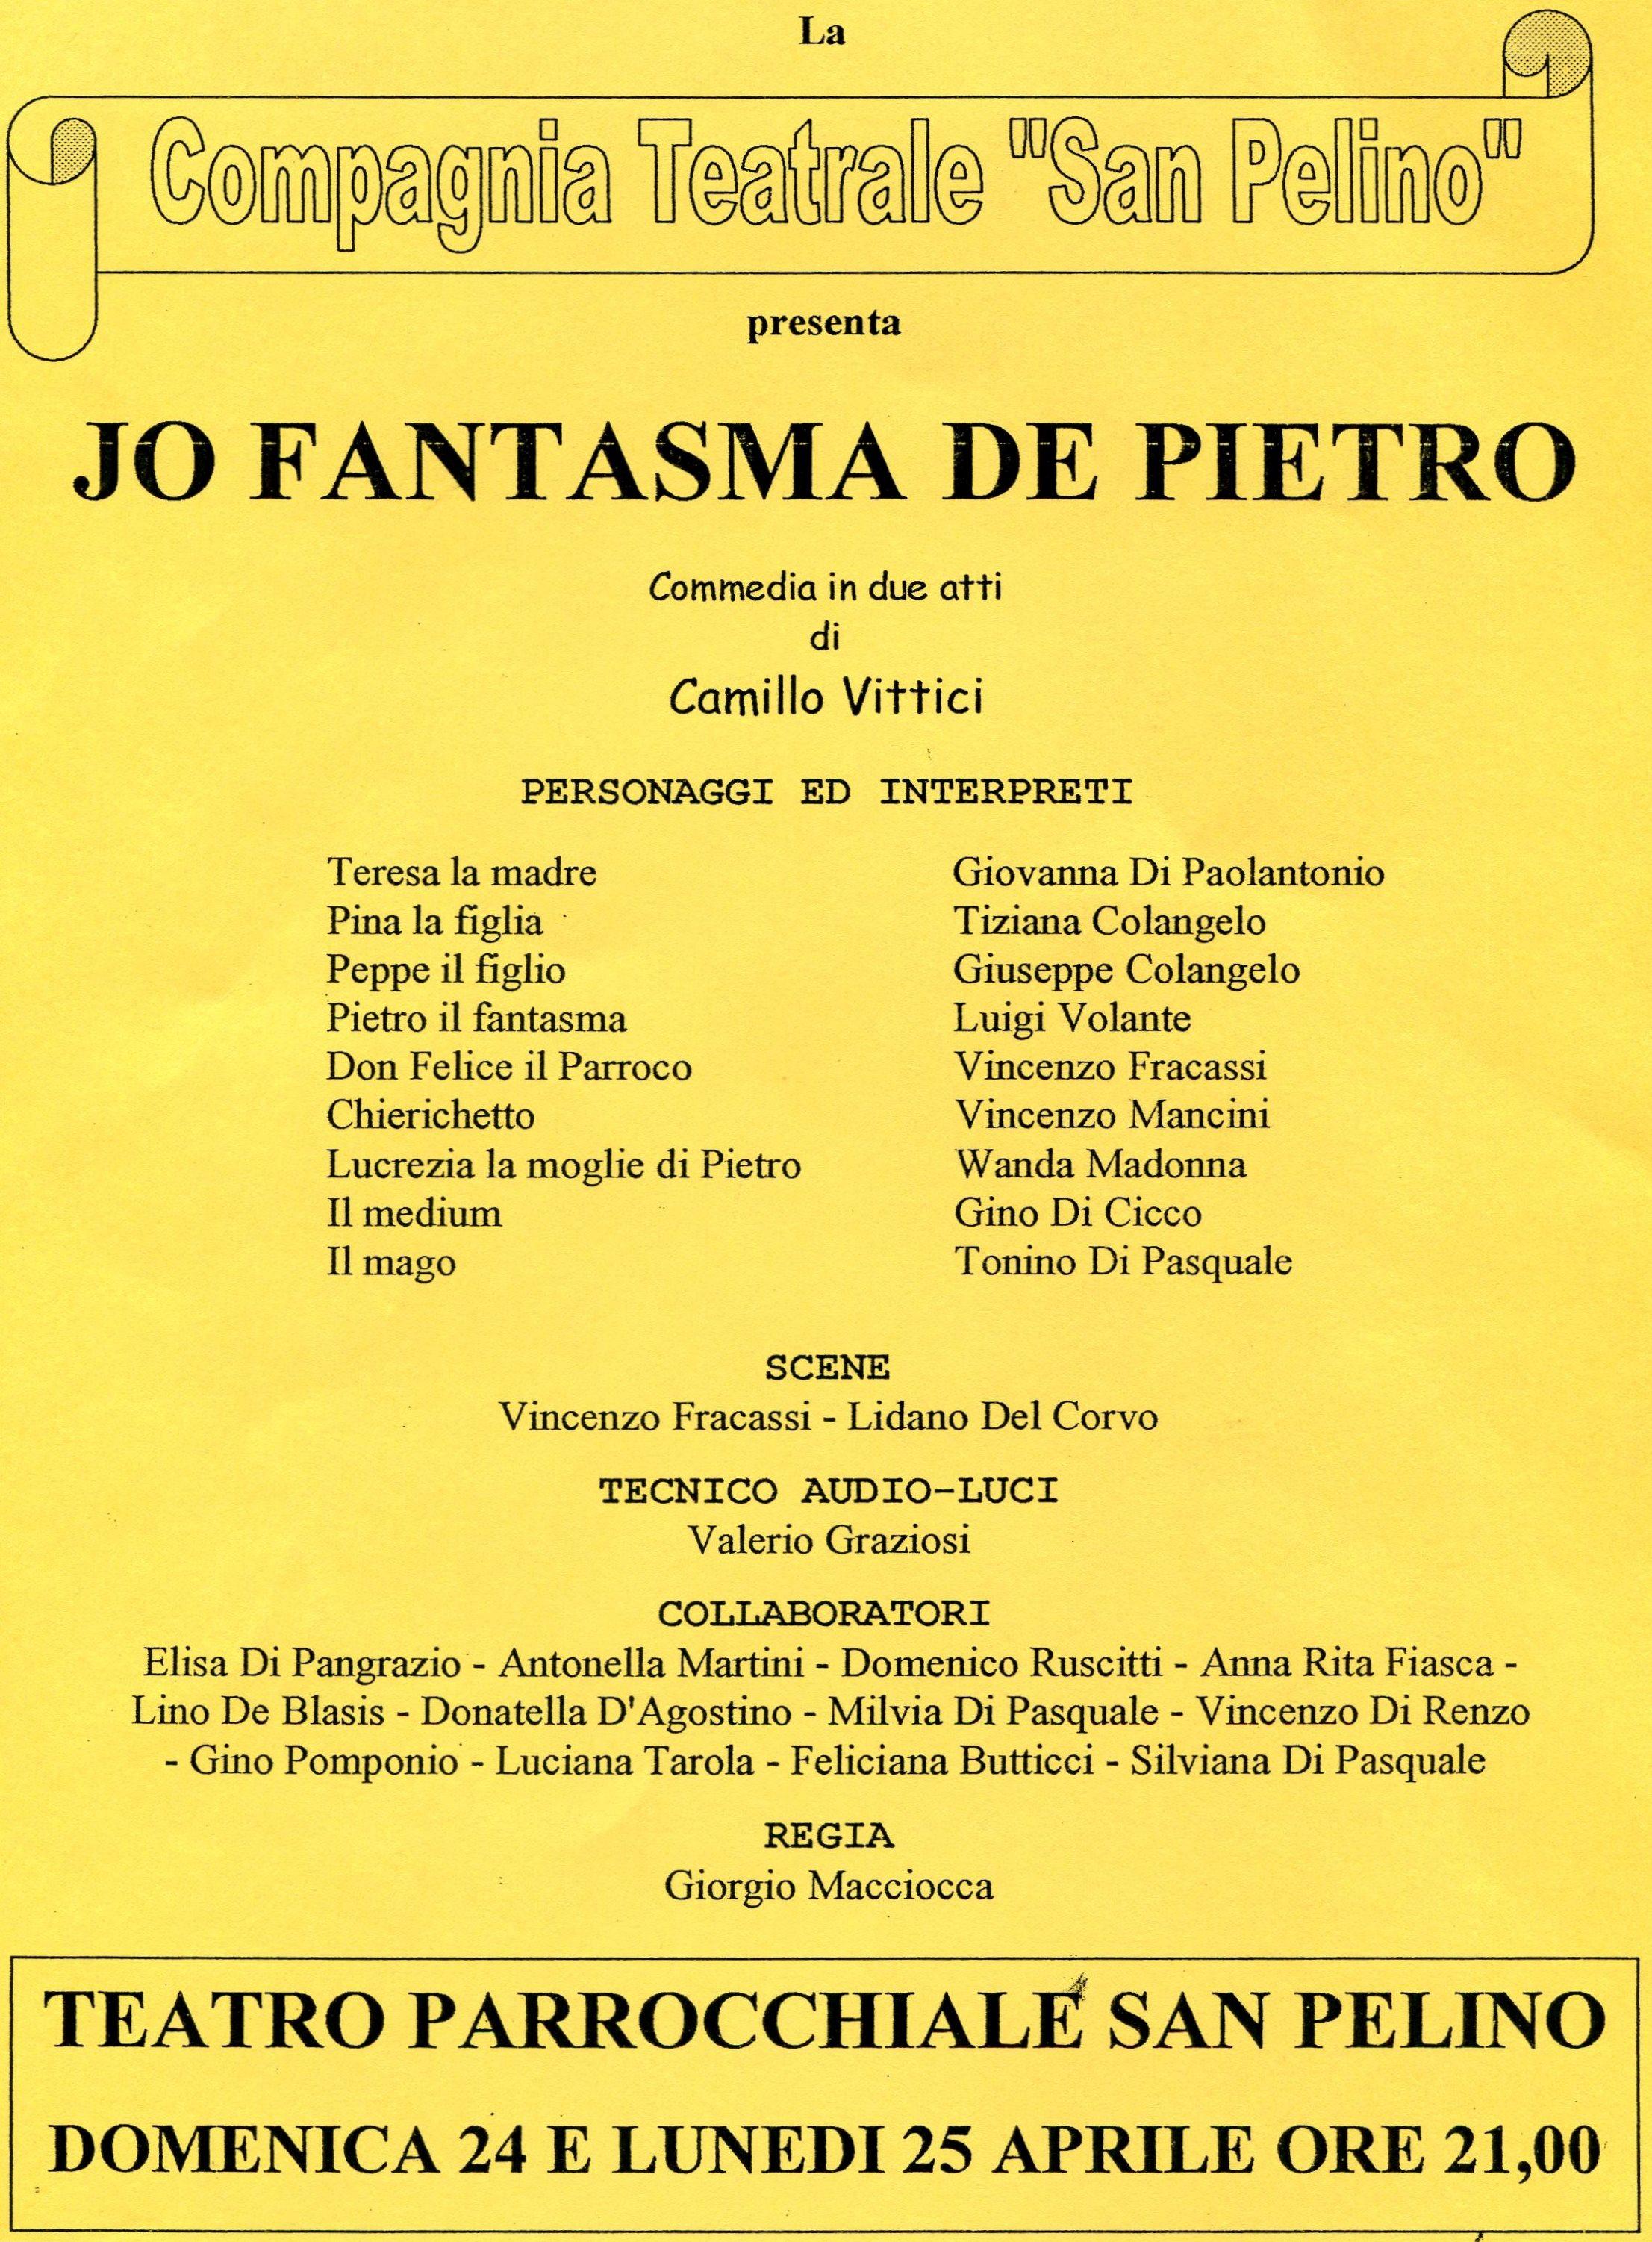 Jo Fantasma 2005